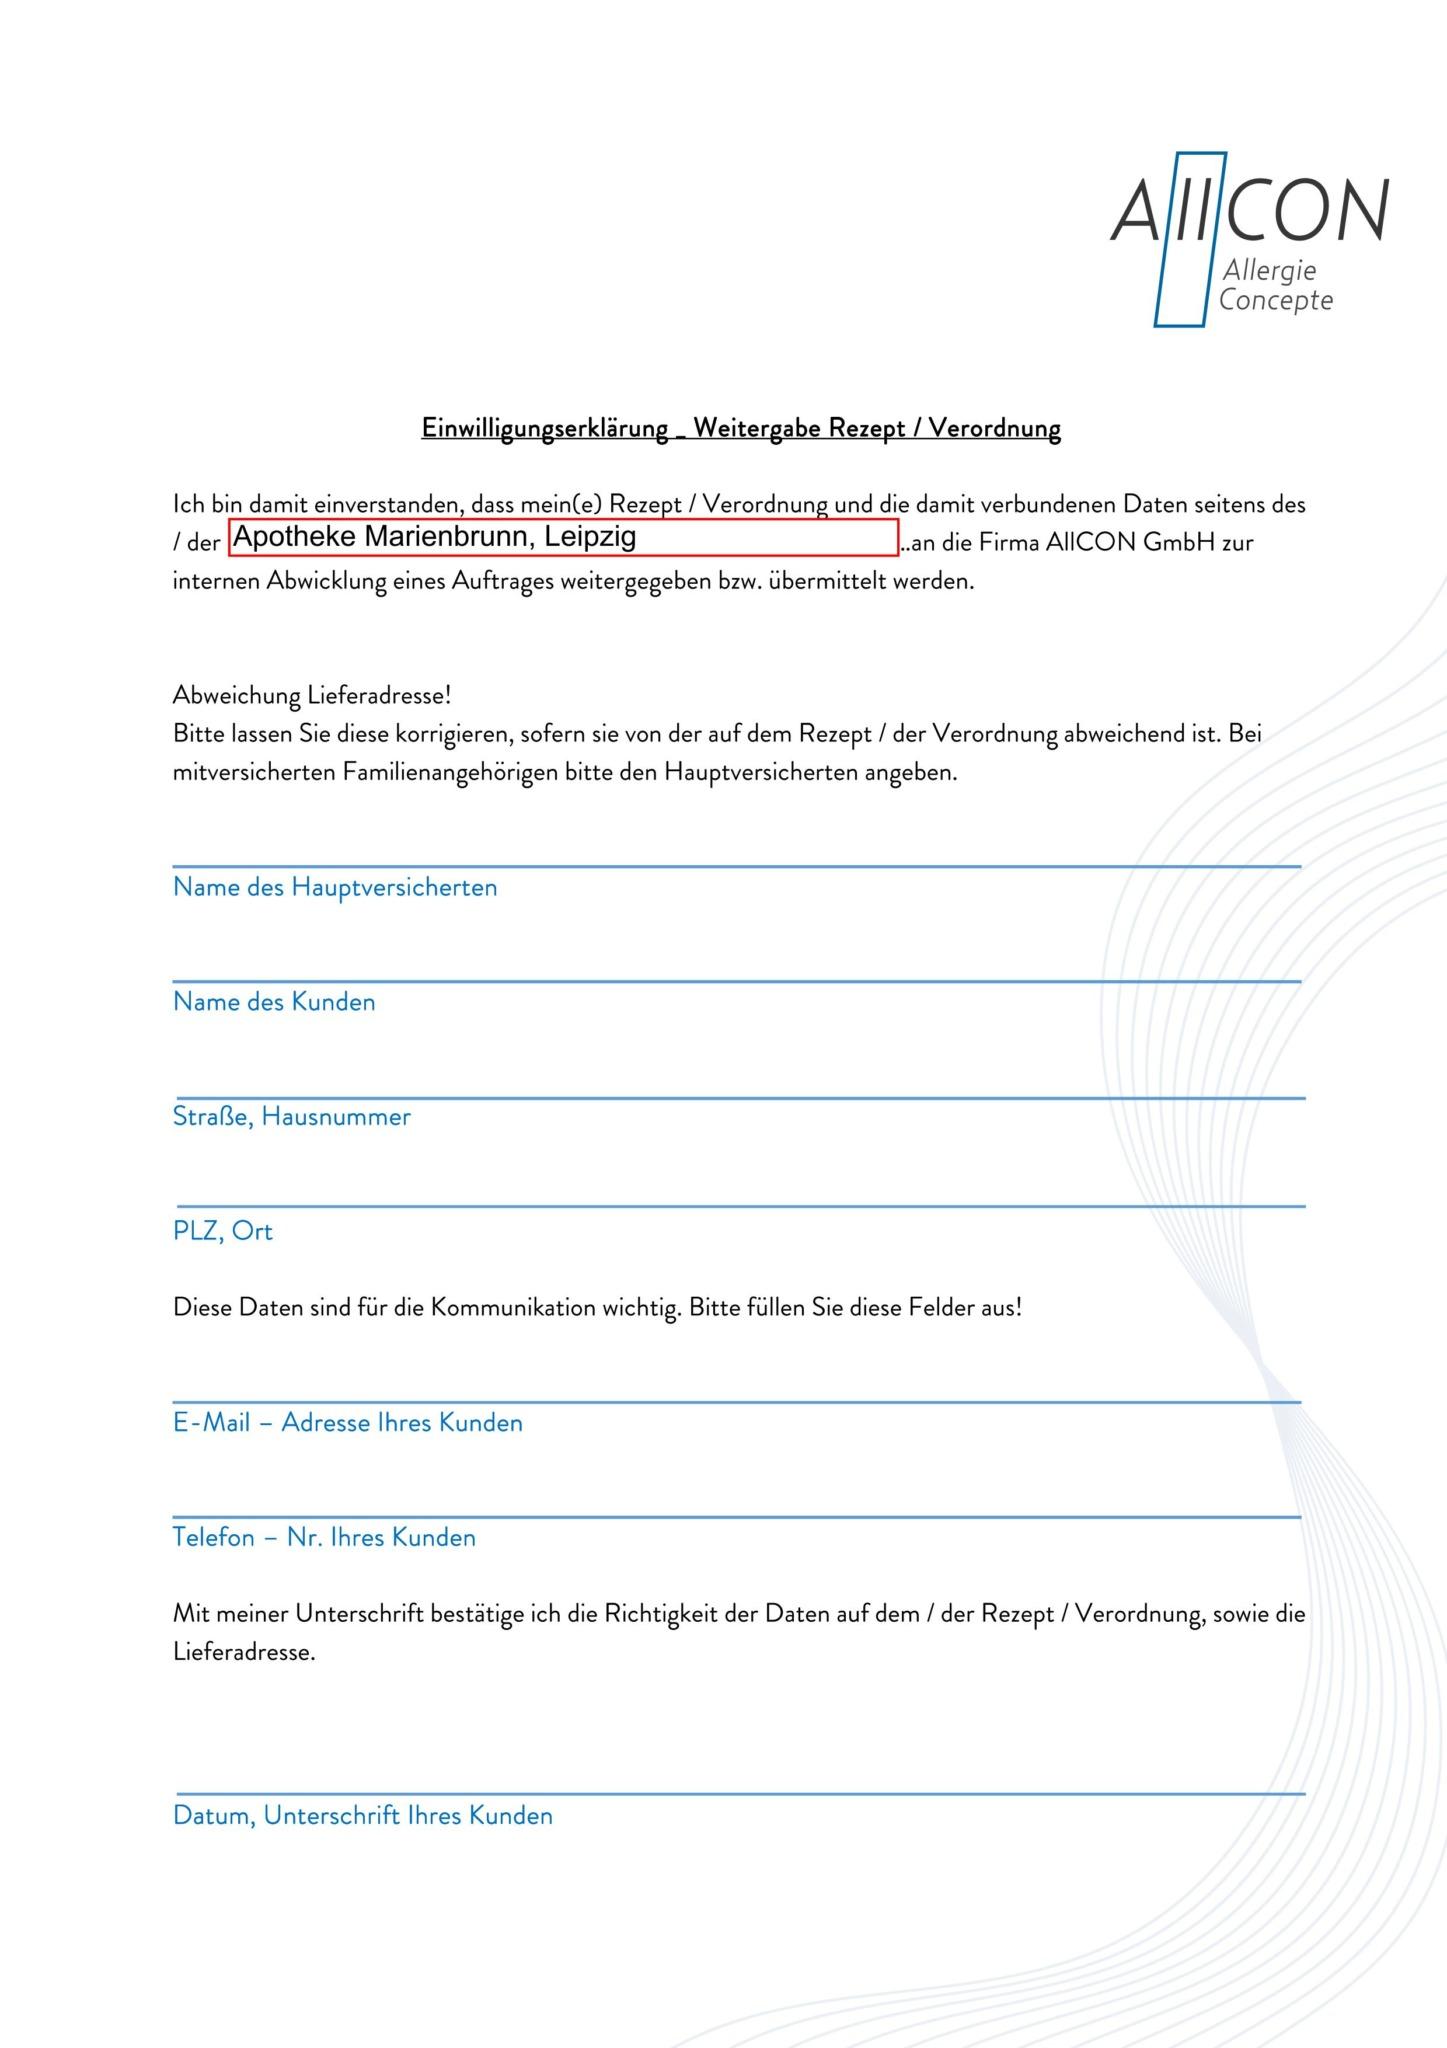 https://www.apotheke-marienbrunn-leipzig.de/wp-content/uploads/2020/05/Einwilligungserklärung-Personenbezogene-Daten_001.pdf